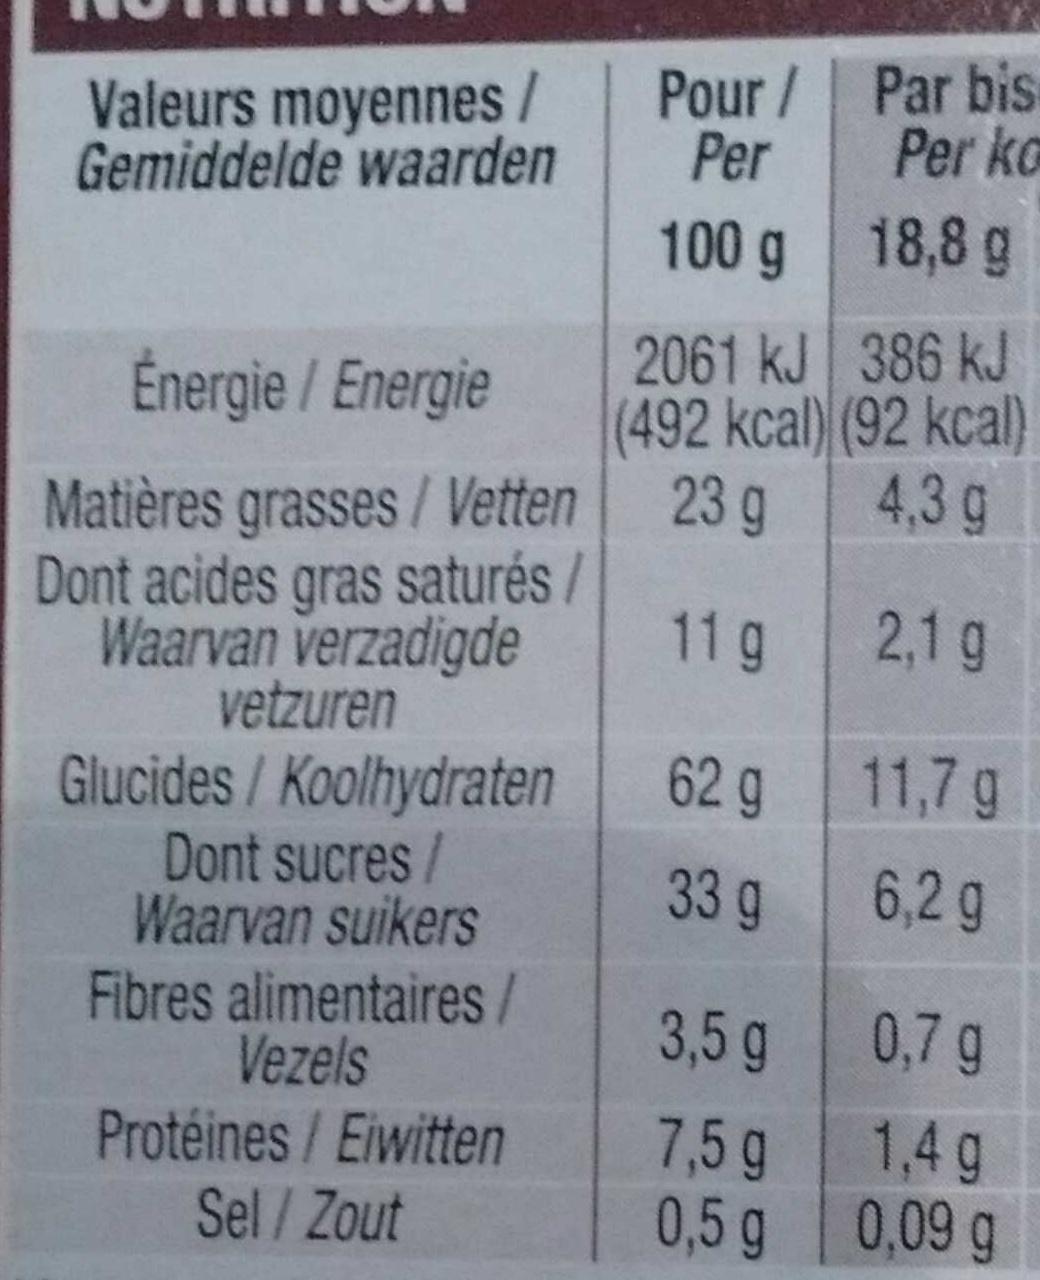 Biscuits fourrés chocolat - Informations nutritionnelles